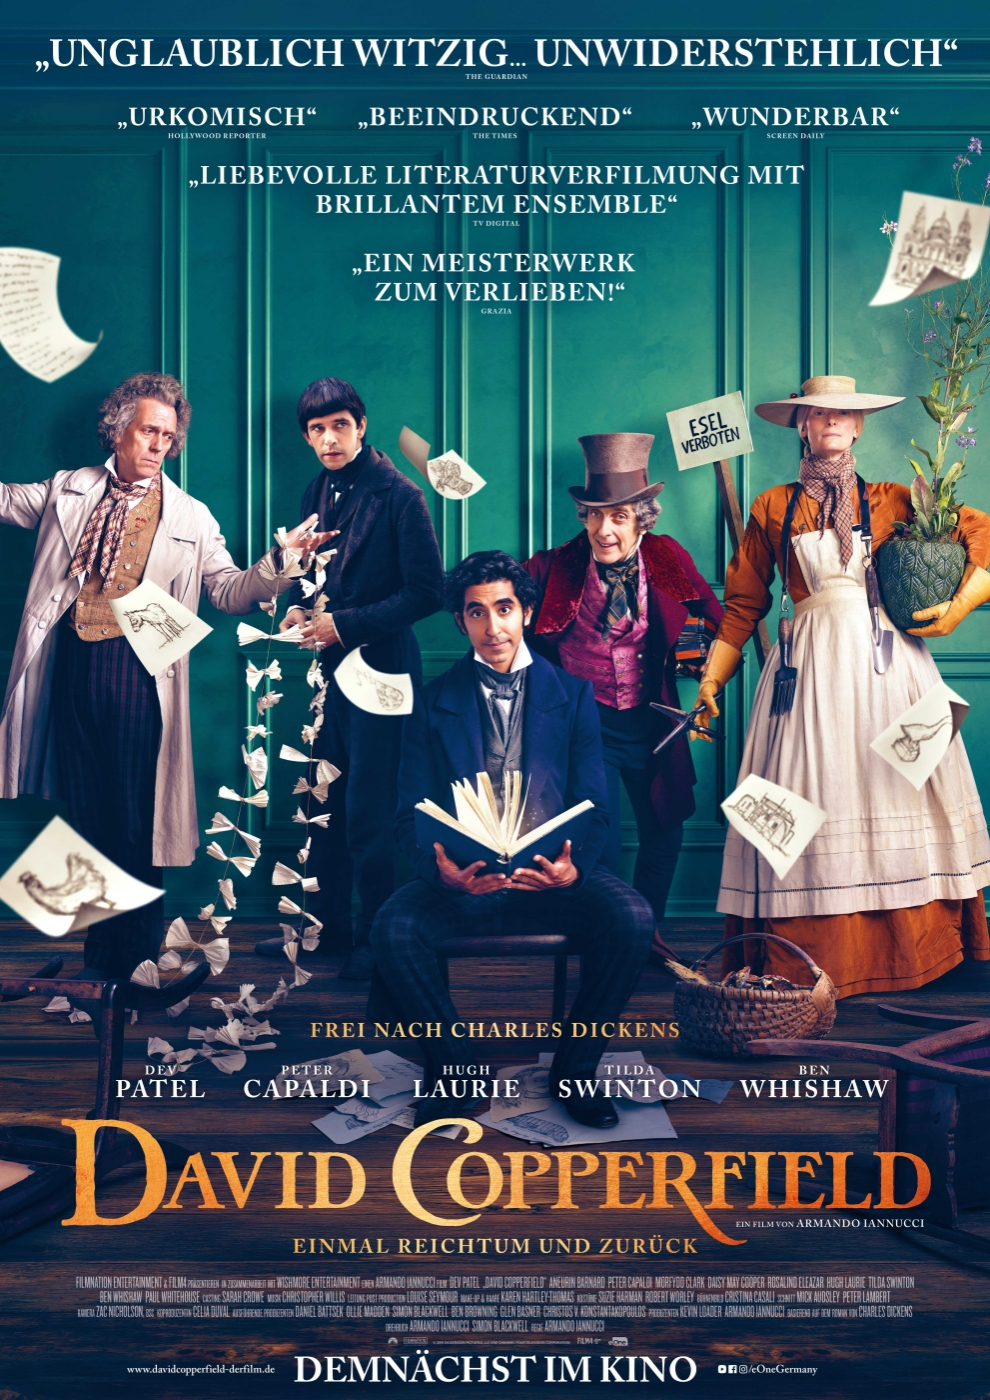 Volume Filmpremiere: David Copperfield - Einmal Reichtum und zurück am 24. September 2020 @ Apollo - Das Kino.